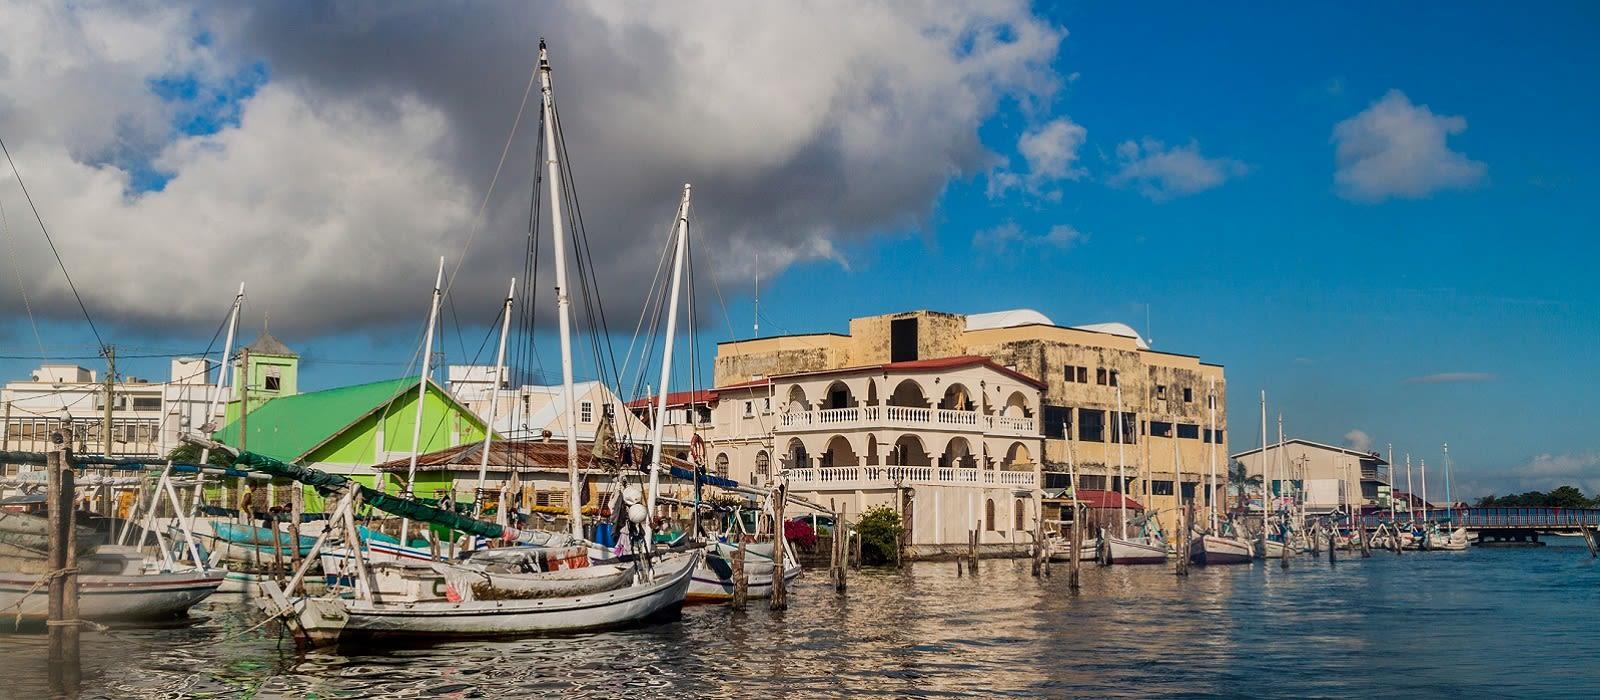 Destination Belize City Belize